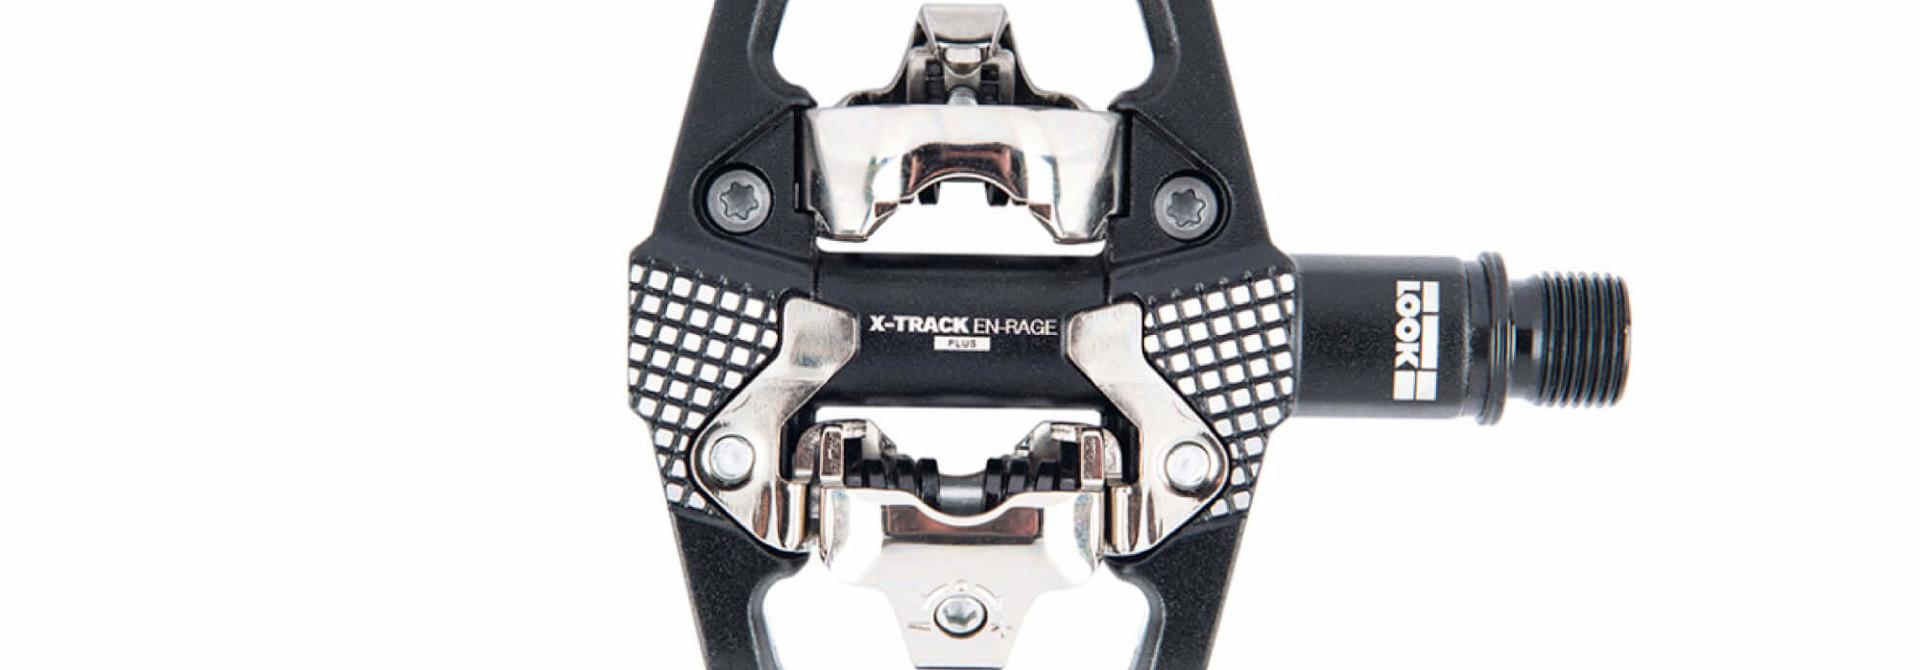 Pedal X-Track En-Rage Plus